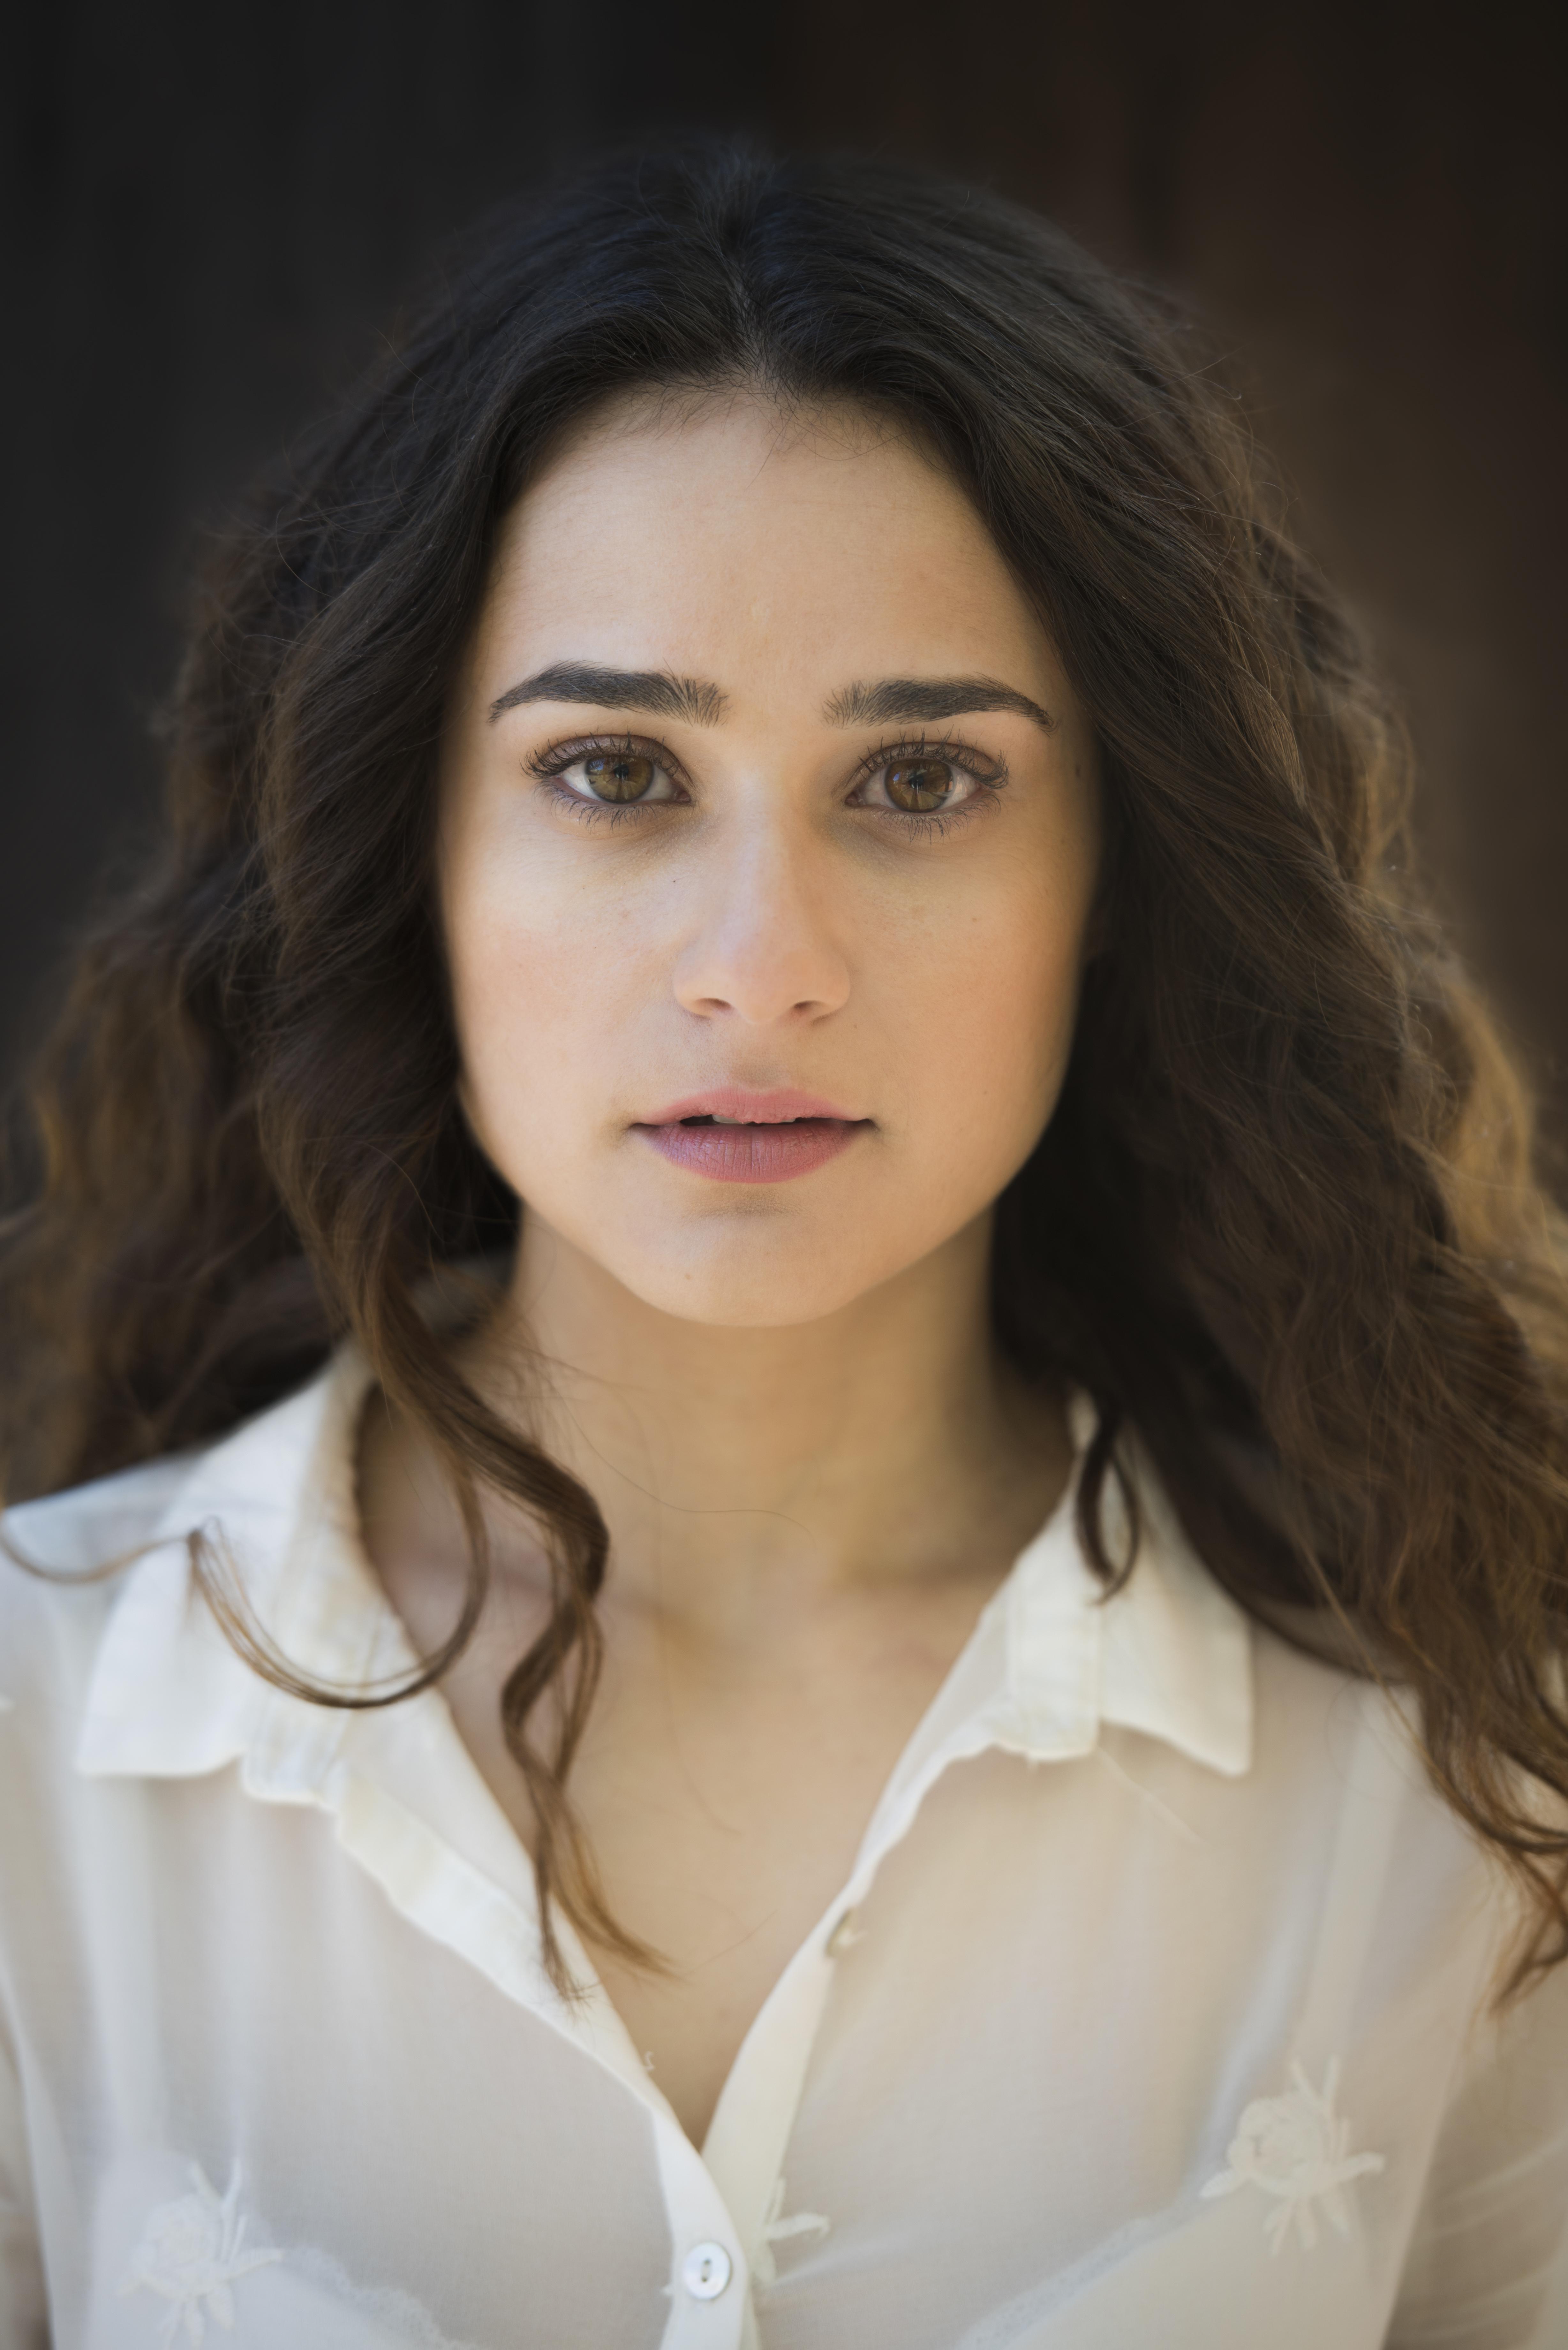 Danielle Catanzariti